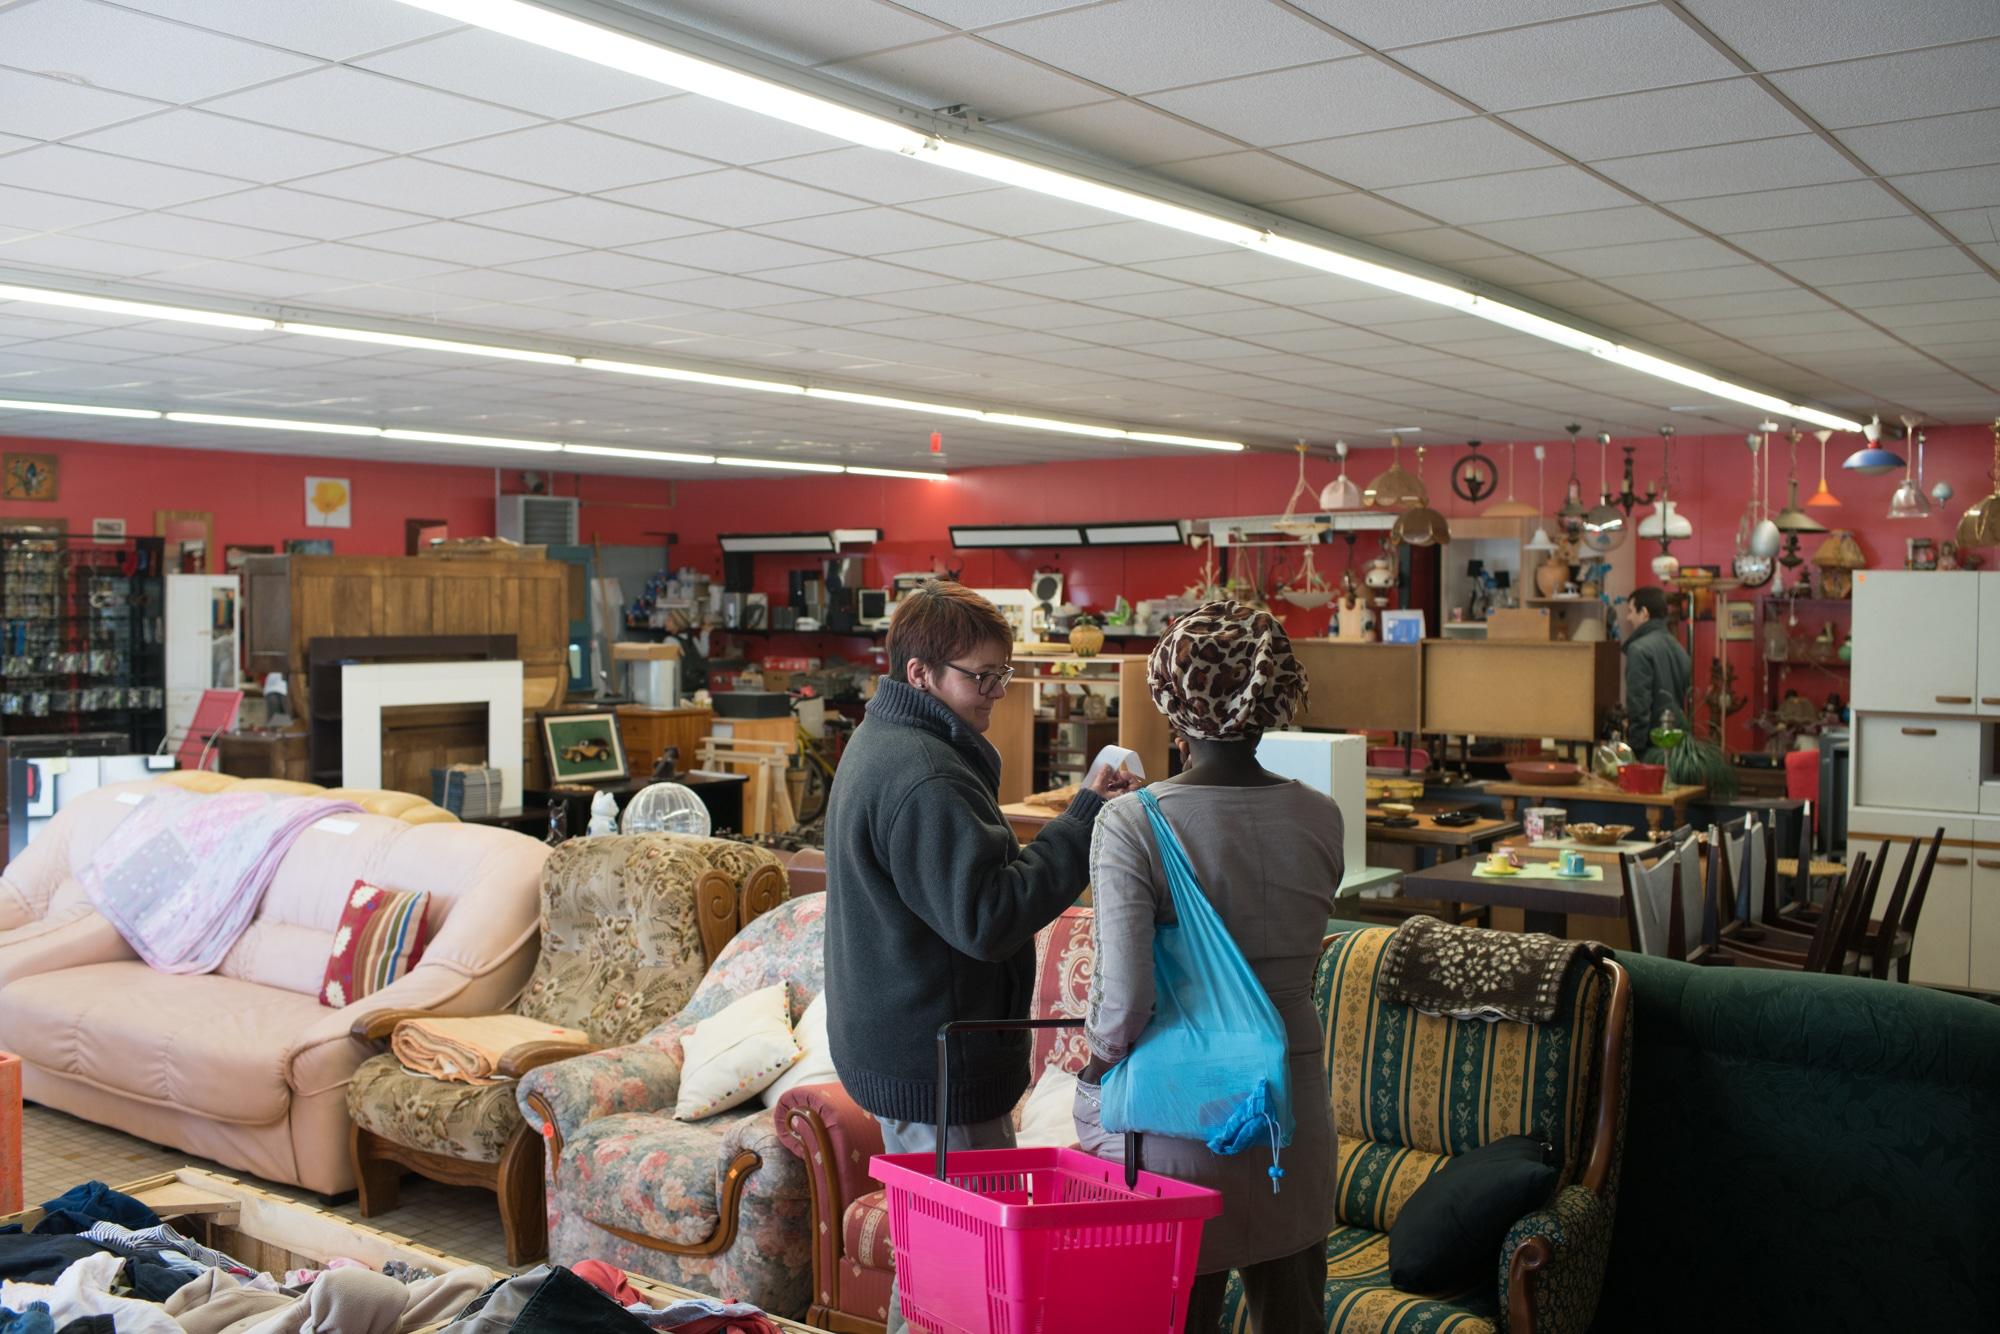 Dans une vaste pièce emplie de meubles et de divers objets, Nathalie échange avec une cliente.